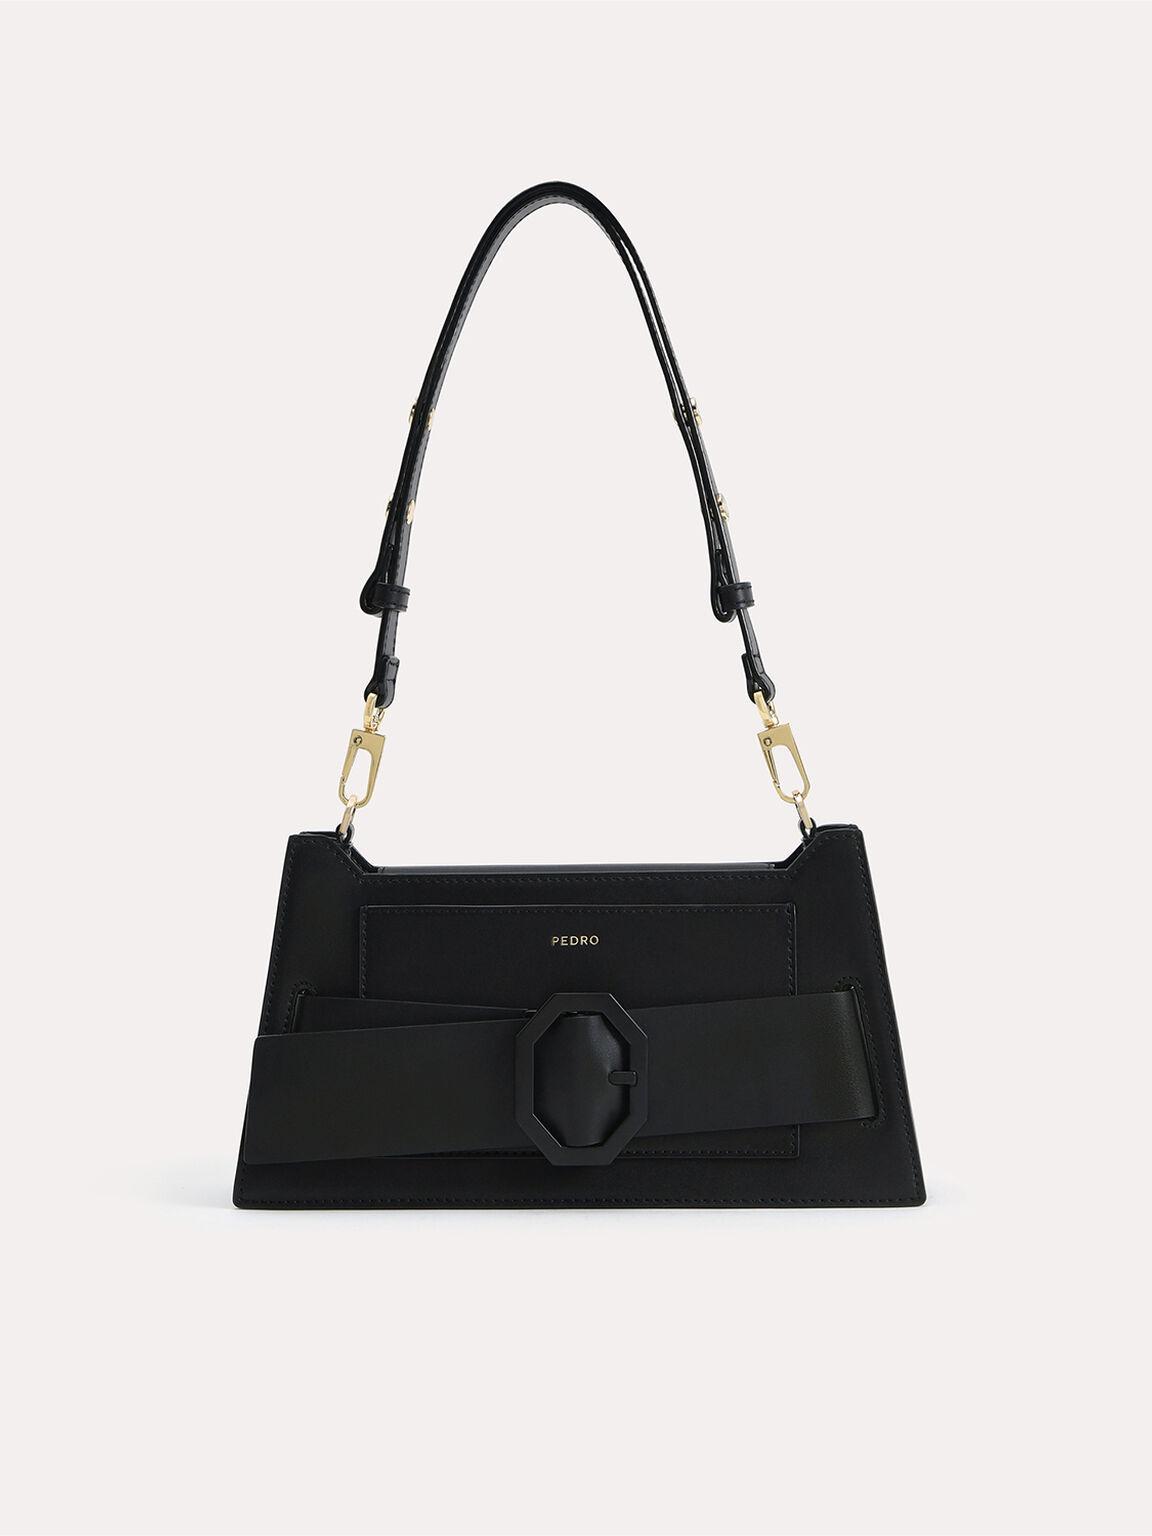 Octagon Buckled Leather Shoulder Bag, Black, hi-res